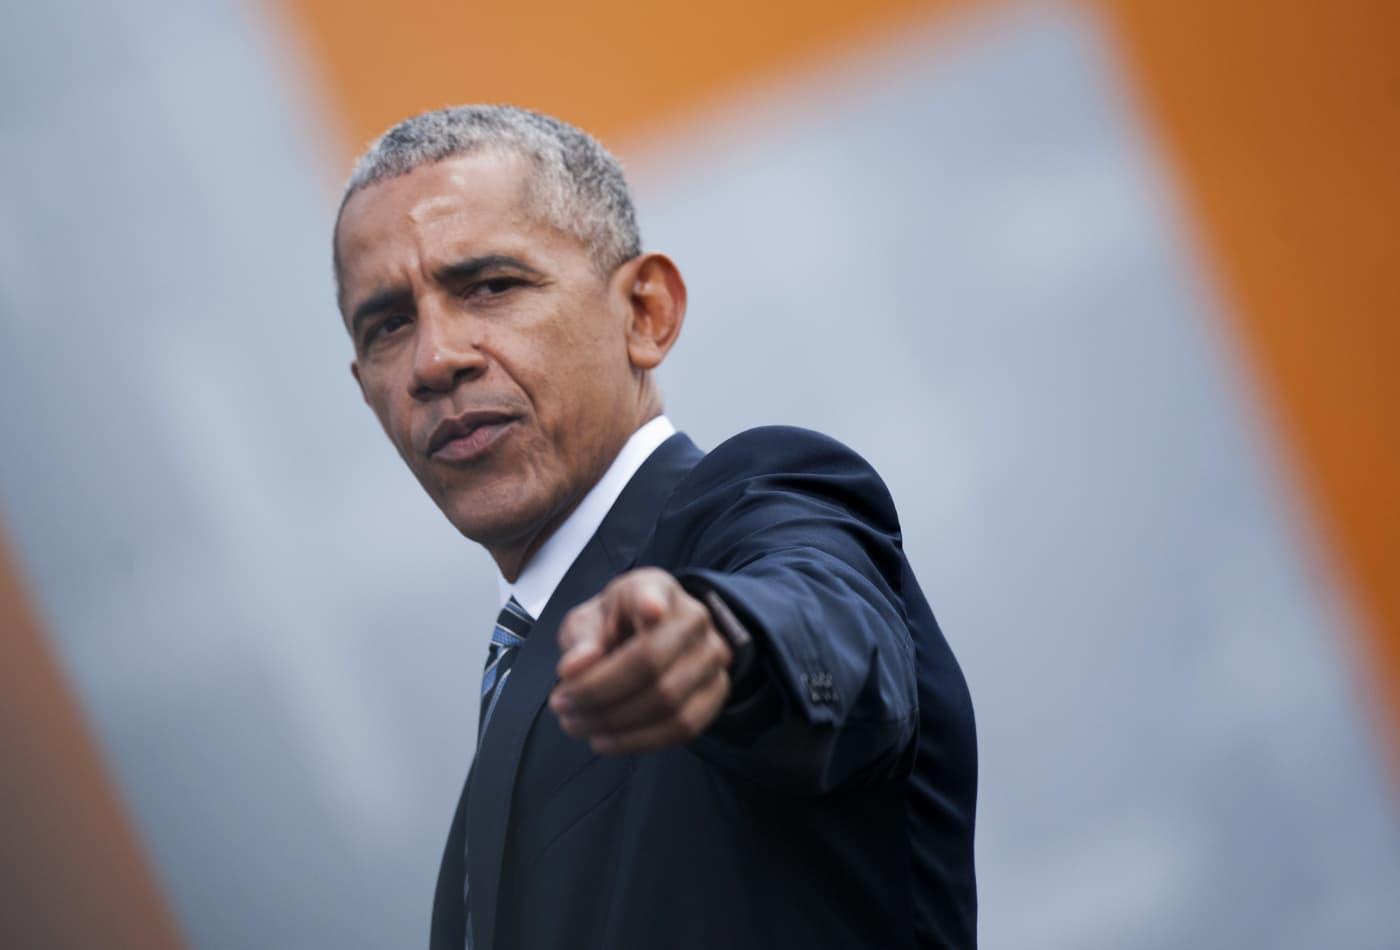 Barrack Obama Bagikan Lagu-Lagu Favoritnya Sepanjang 2020: dari Jhene Aiko Hingga Travis Scott